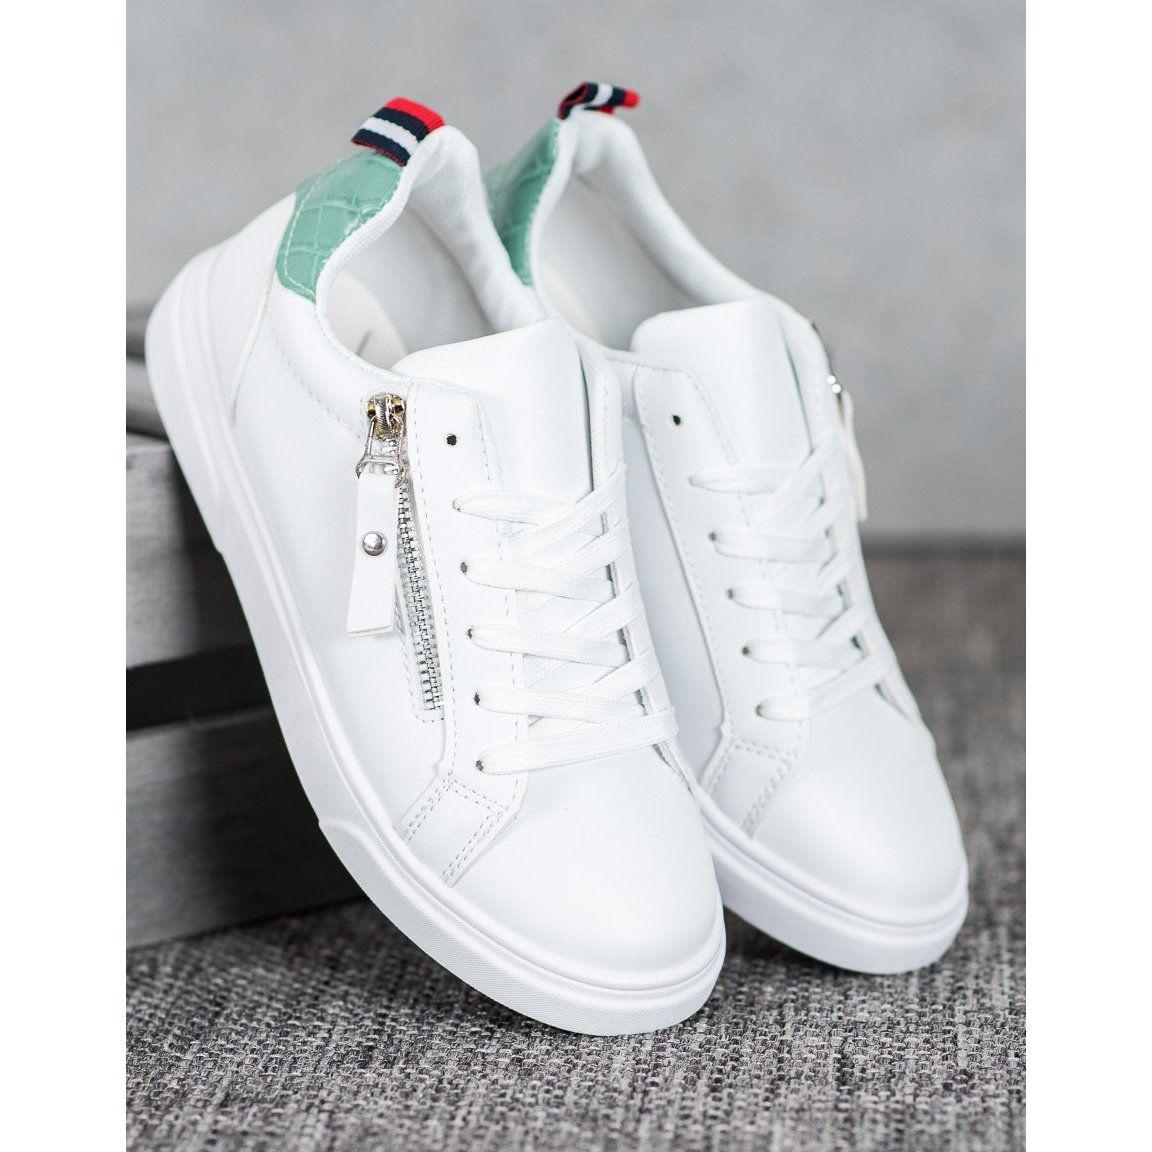 Shelovet Sportowe Buty Z Ozdobnym Suwakiem Biale Shoes White Sneaker Sneakers